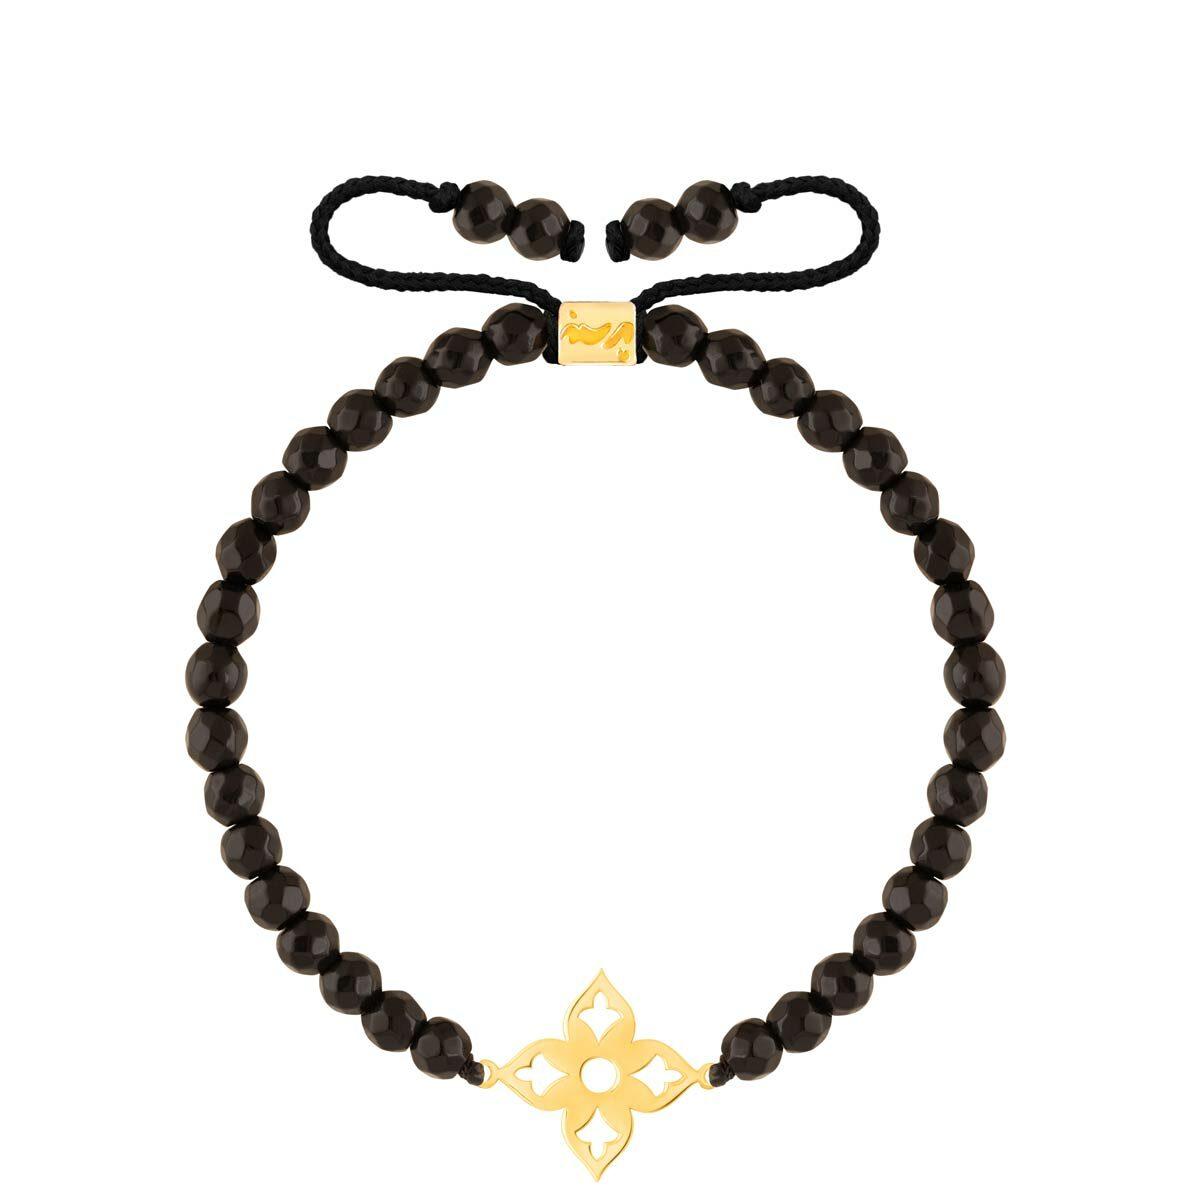 دستبند طلا سنگی اسلیمی و اونیکس